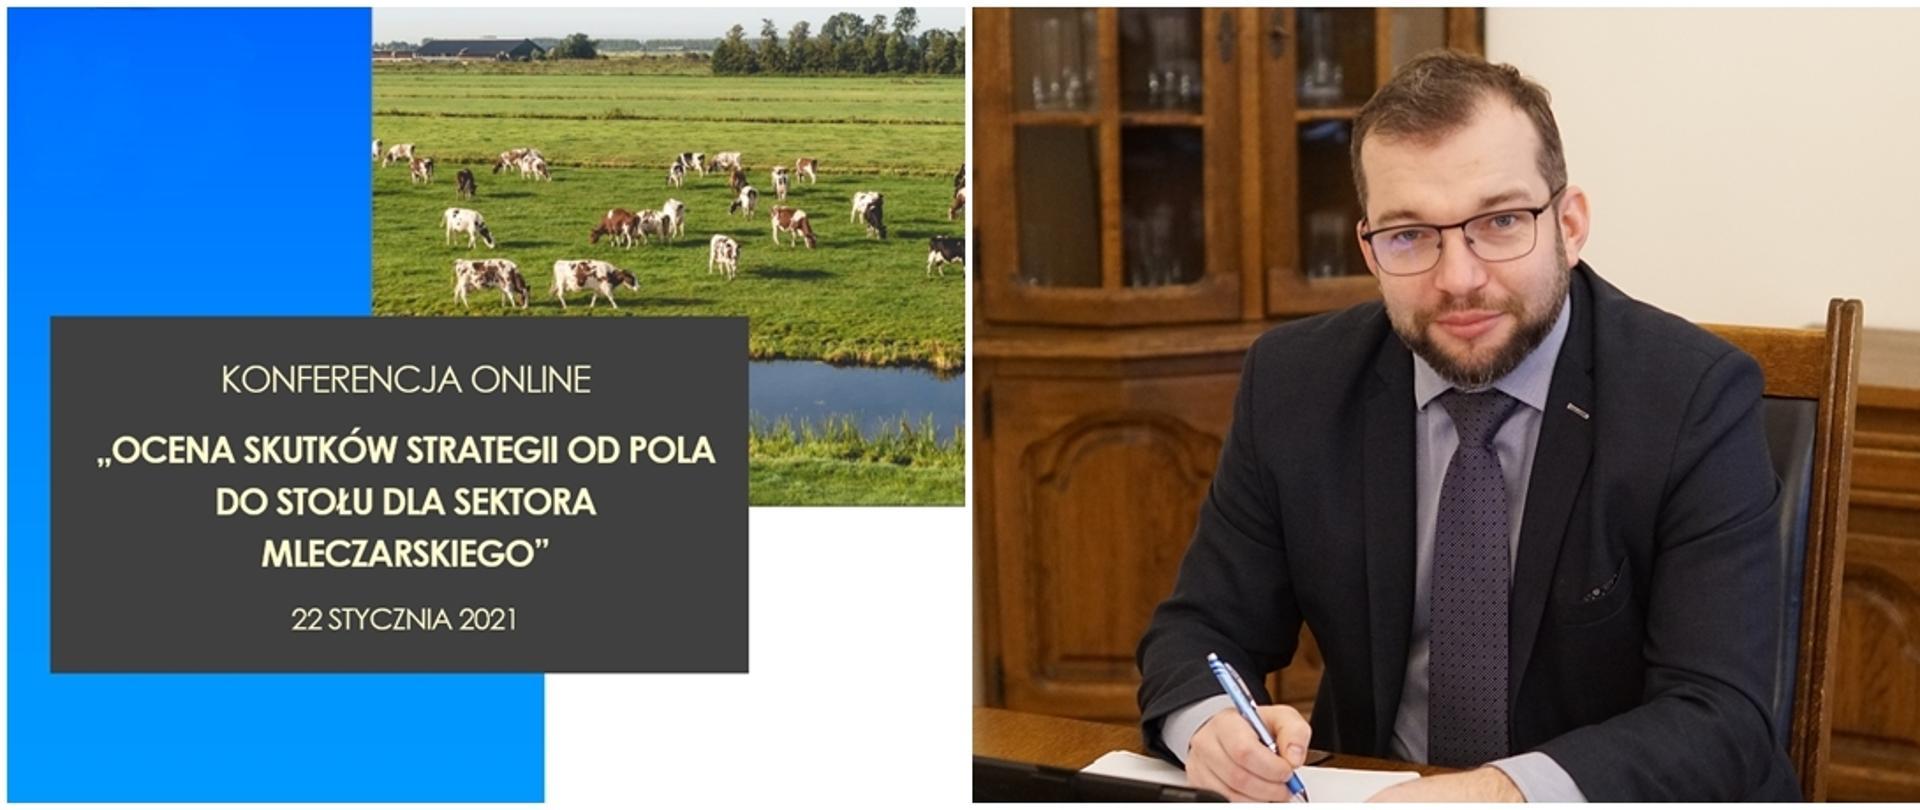 """grafika do komunikatu """"Ocena skutków strategii """"Od Pola do Stołu"""" dla sektora mleczarskiego"""""""